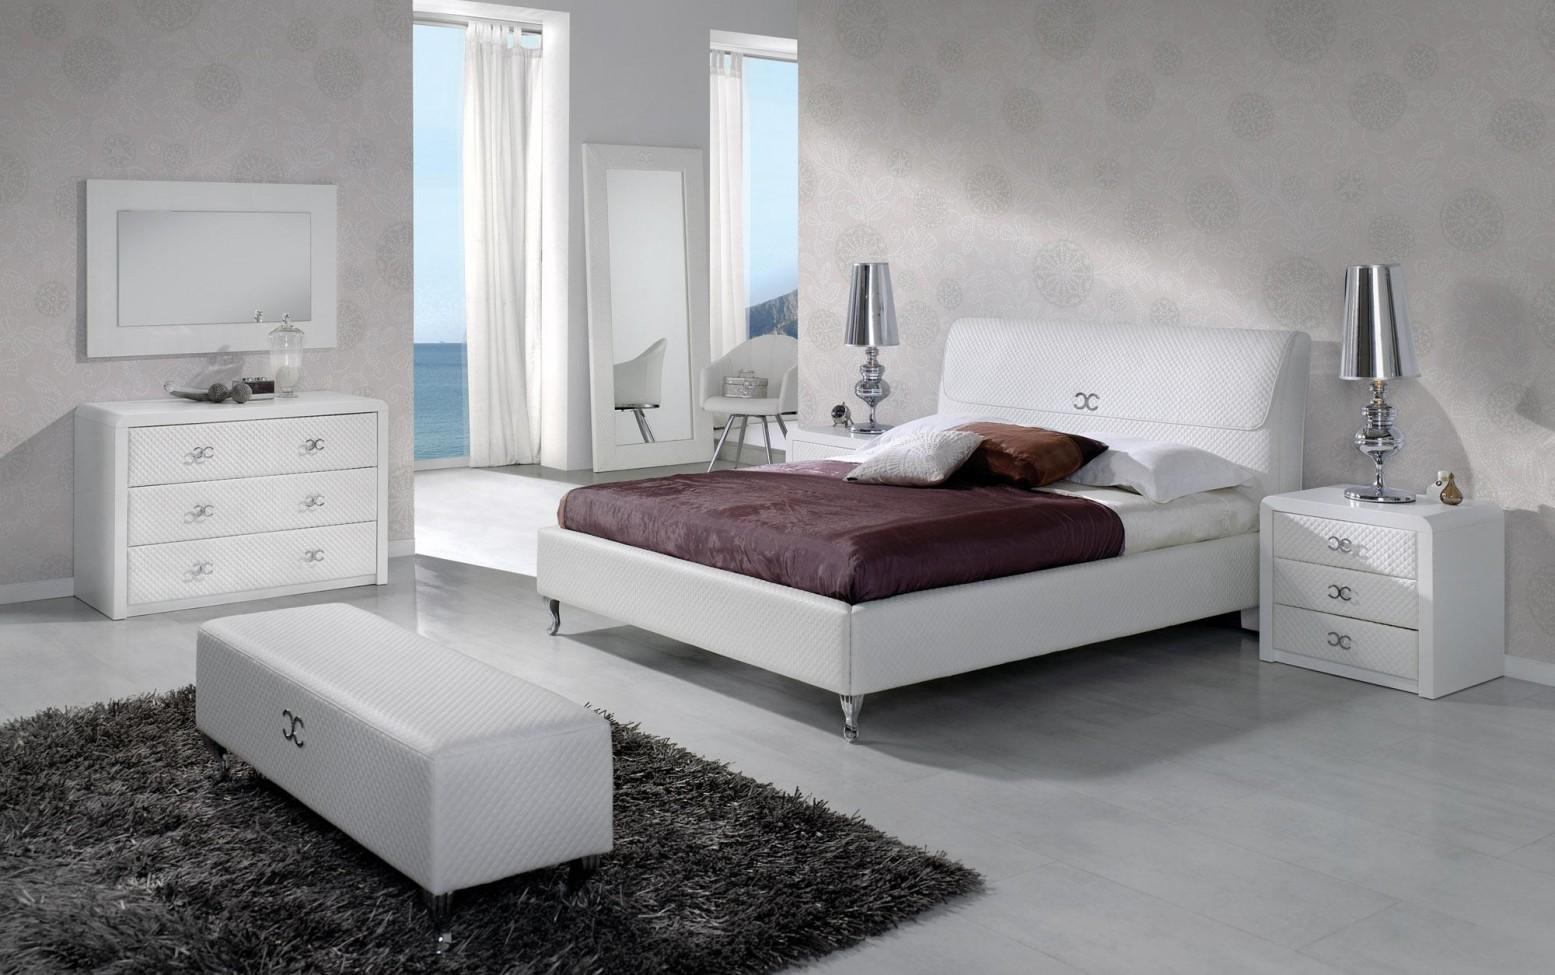 Emily 3-Piece Queen Size Bedroom Set